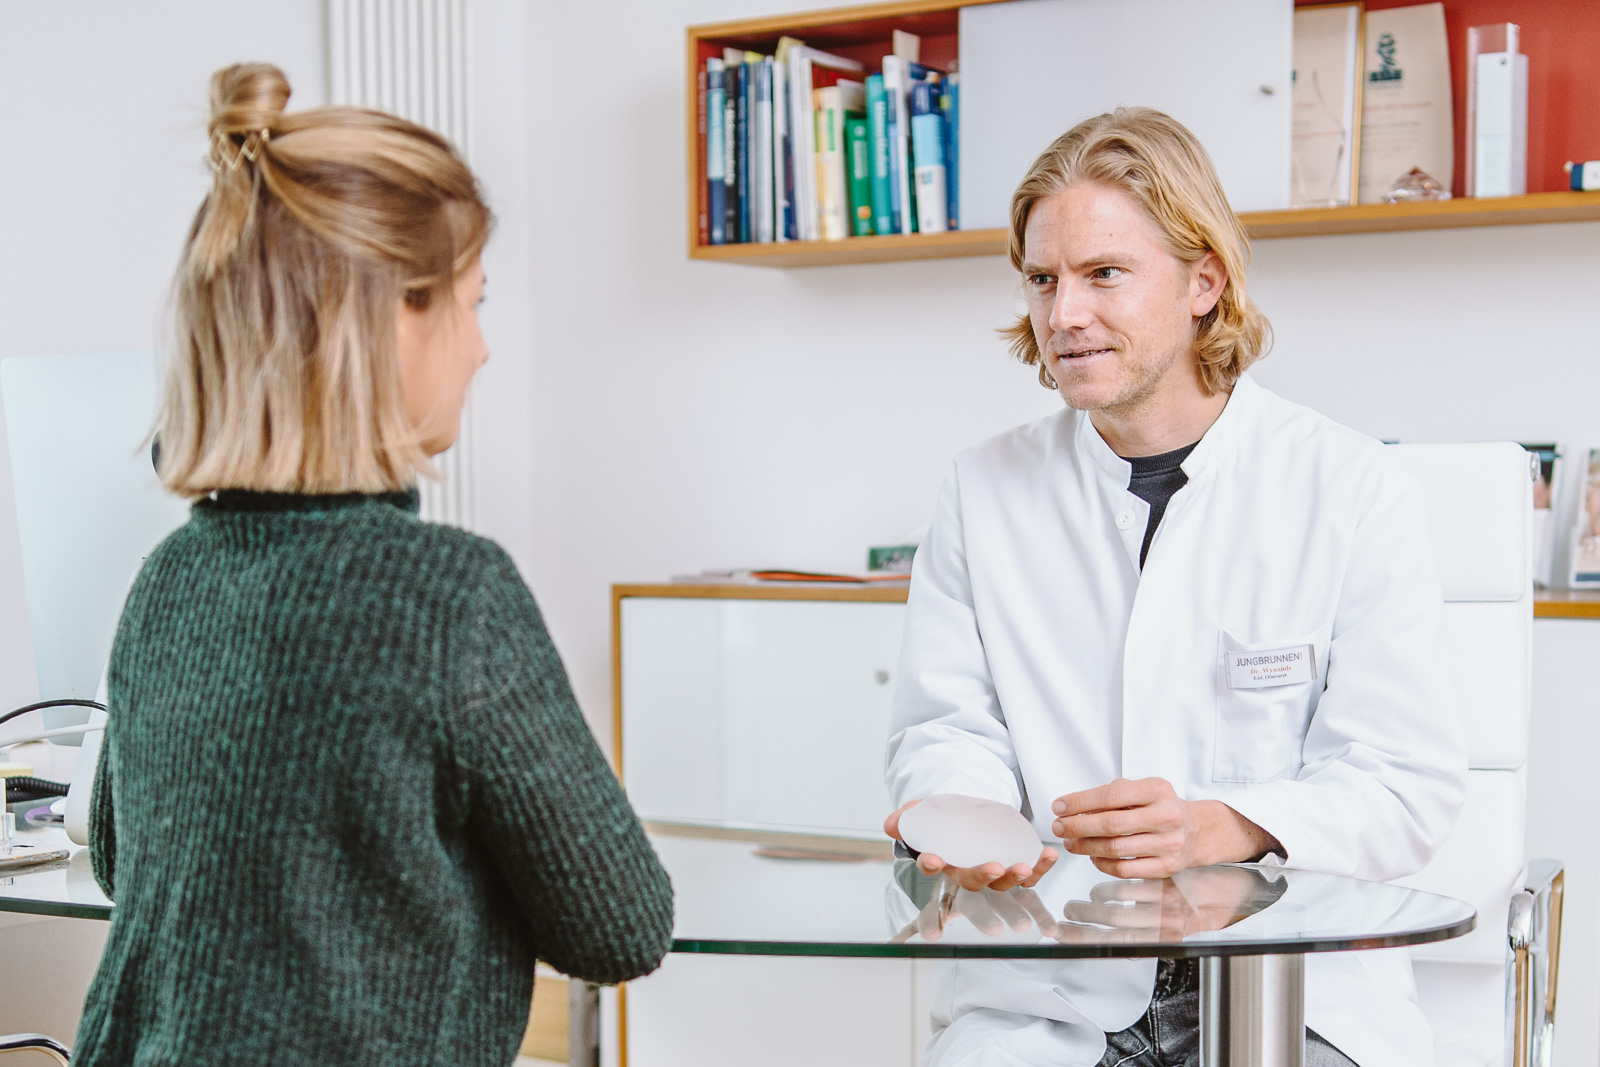 private Klinik für Dermatologie und ästhetische Chirurgie - Arzt zeigt Brustimplantat - Bernadett Yehdou Fotografin